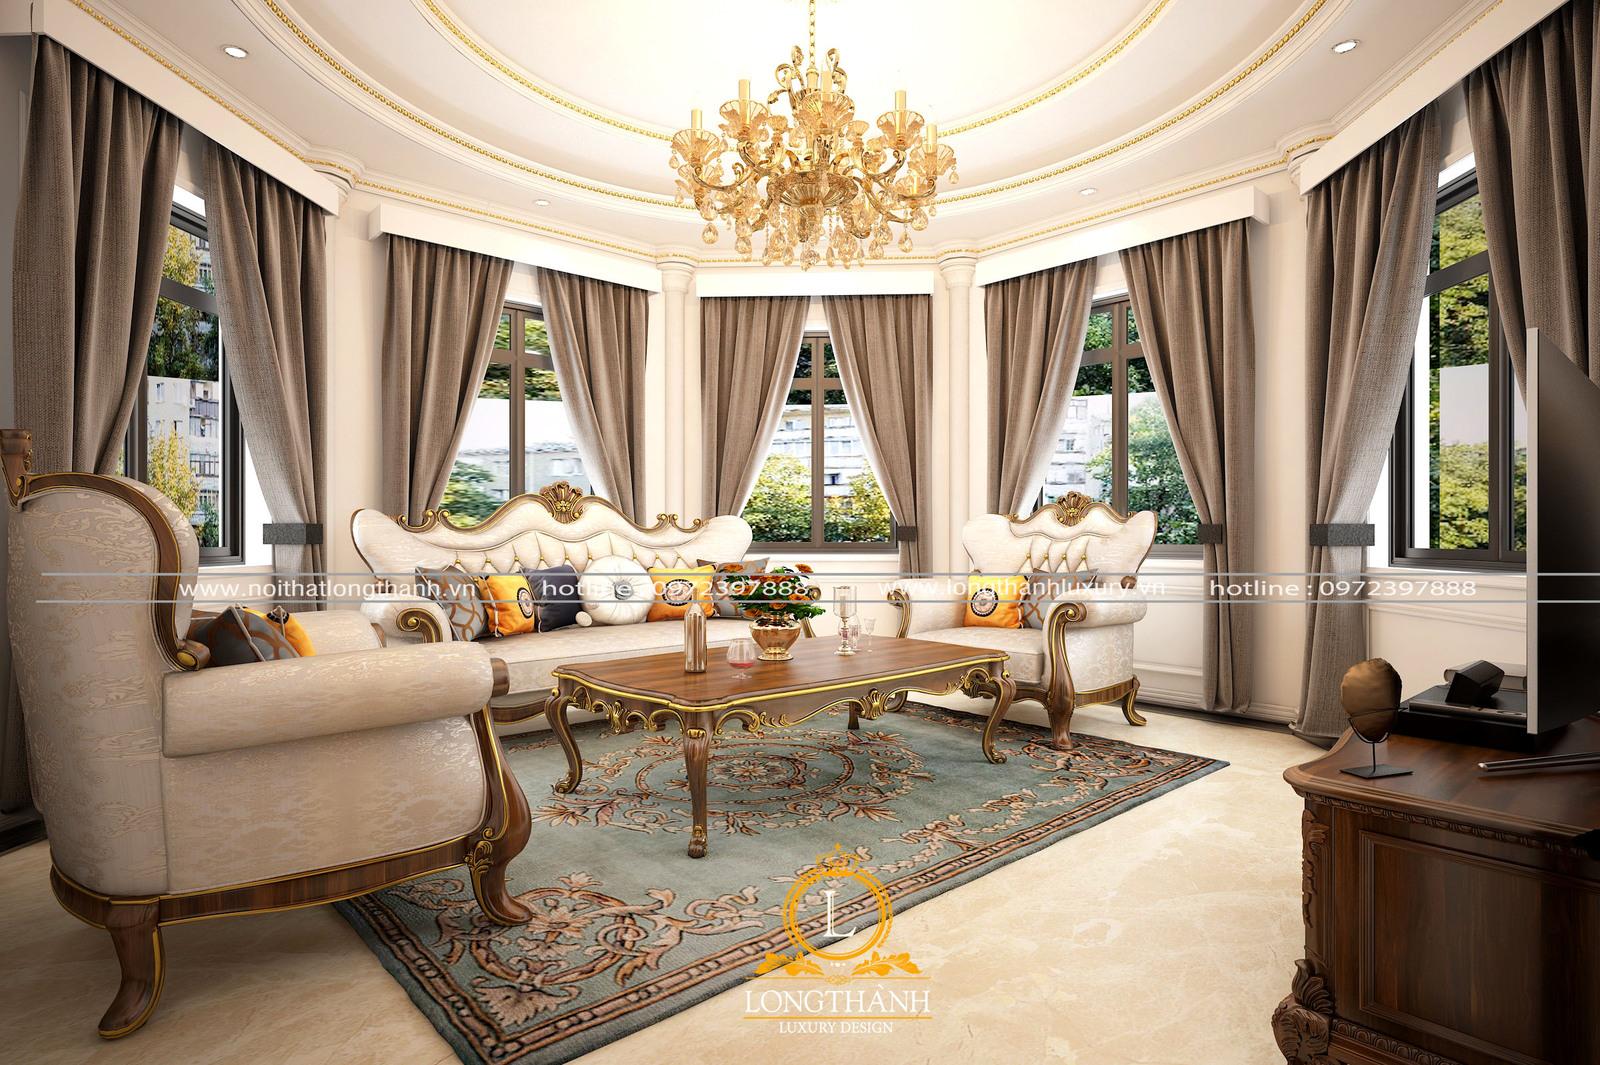 Mẫu thiết kế phòng khách nhà biệt thự đẹp và sang trọng